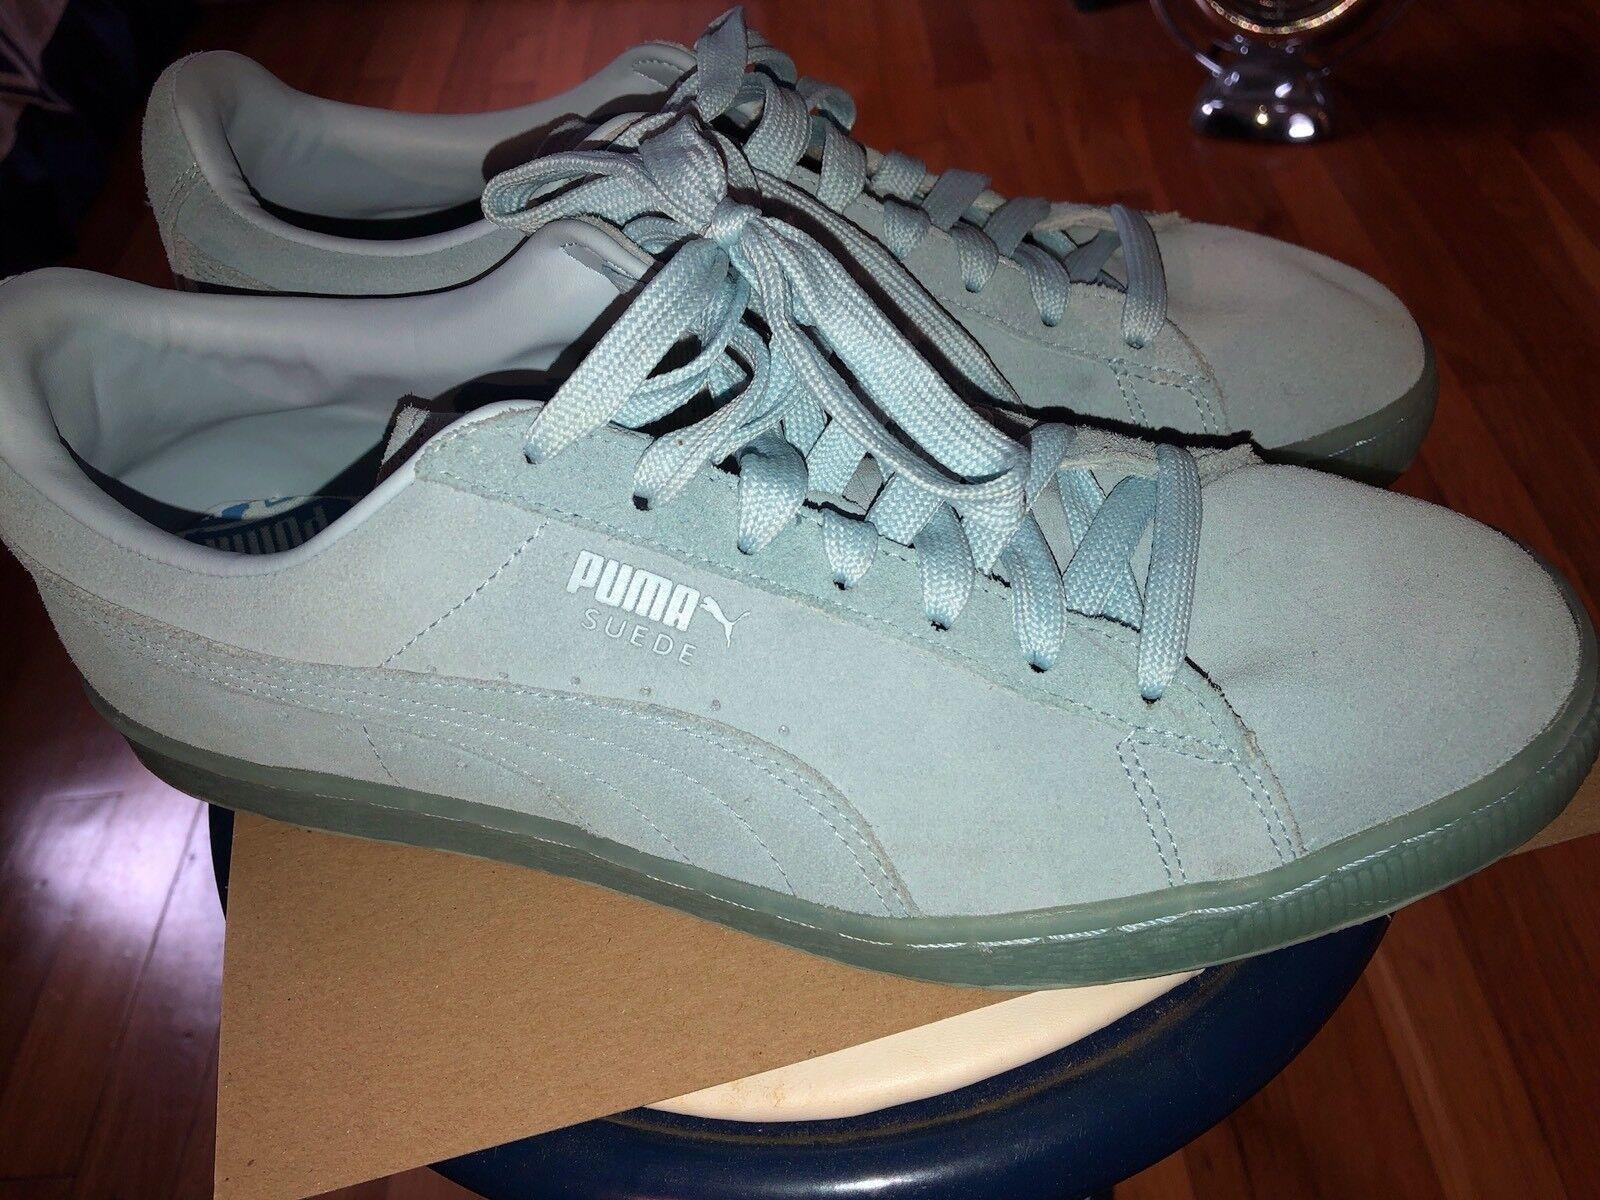 Puma Hombre Suede zapatillas de azul hielo cómoda marca de zapatillas descuento 48ba2e